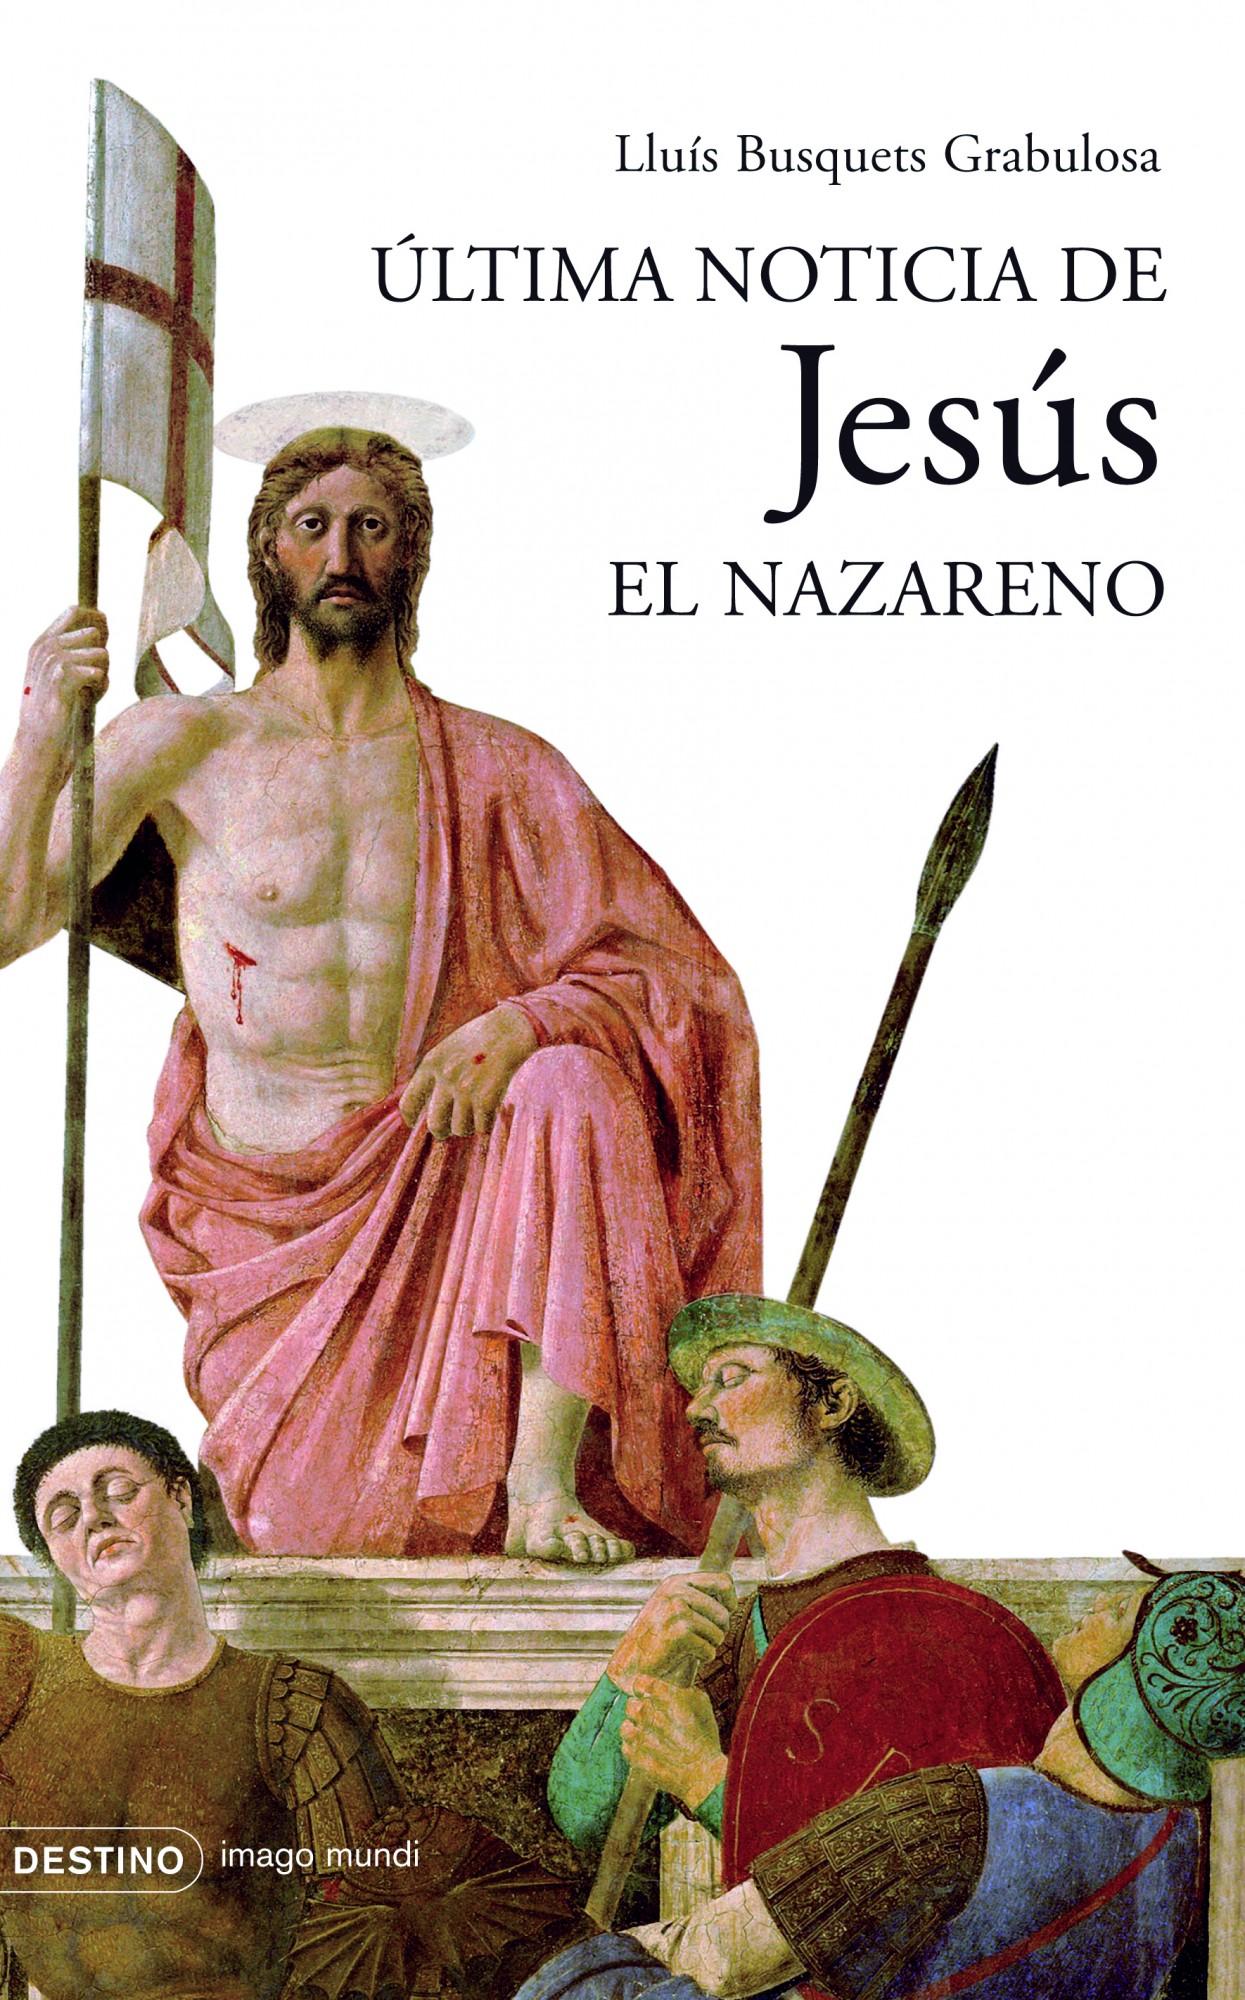 Ultima Noticia De Jesus El Nazareno por Lluis Busquets